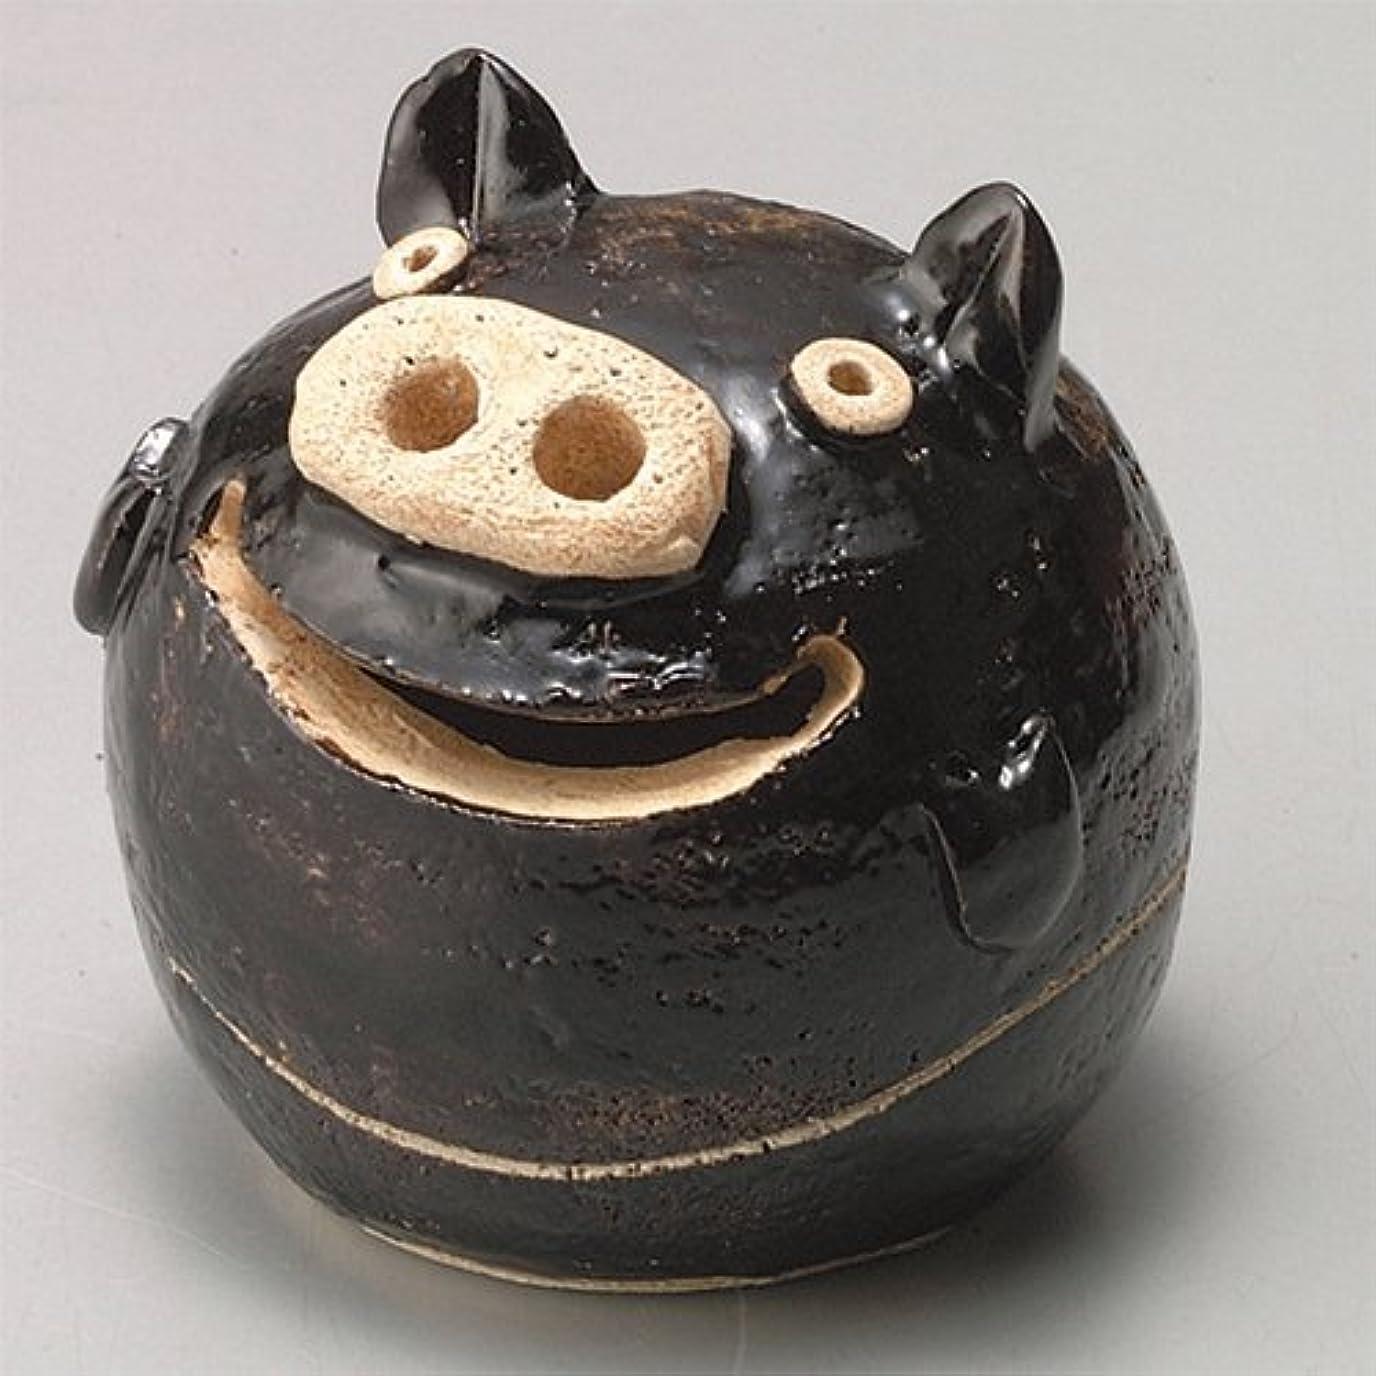 ポジション高層ビル外国人香炉 ぶた君 香炉(黒) [H9cm] HANDMADE プレゼント ギフト 和食器 かわいい インテリア